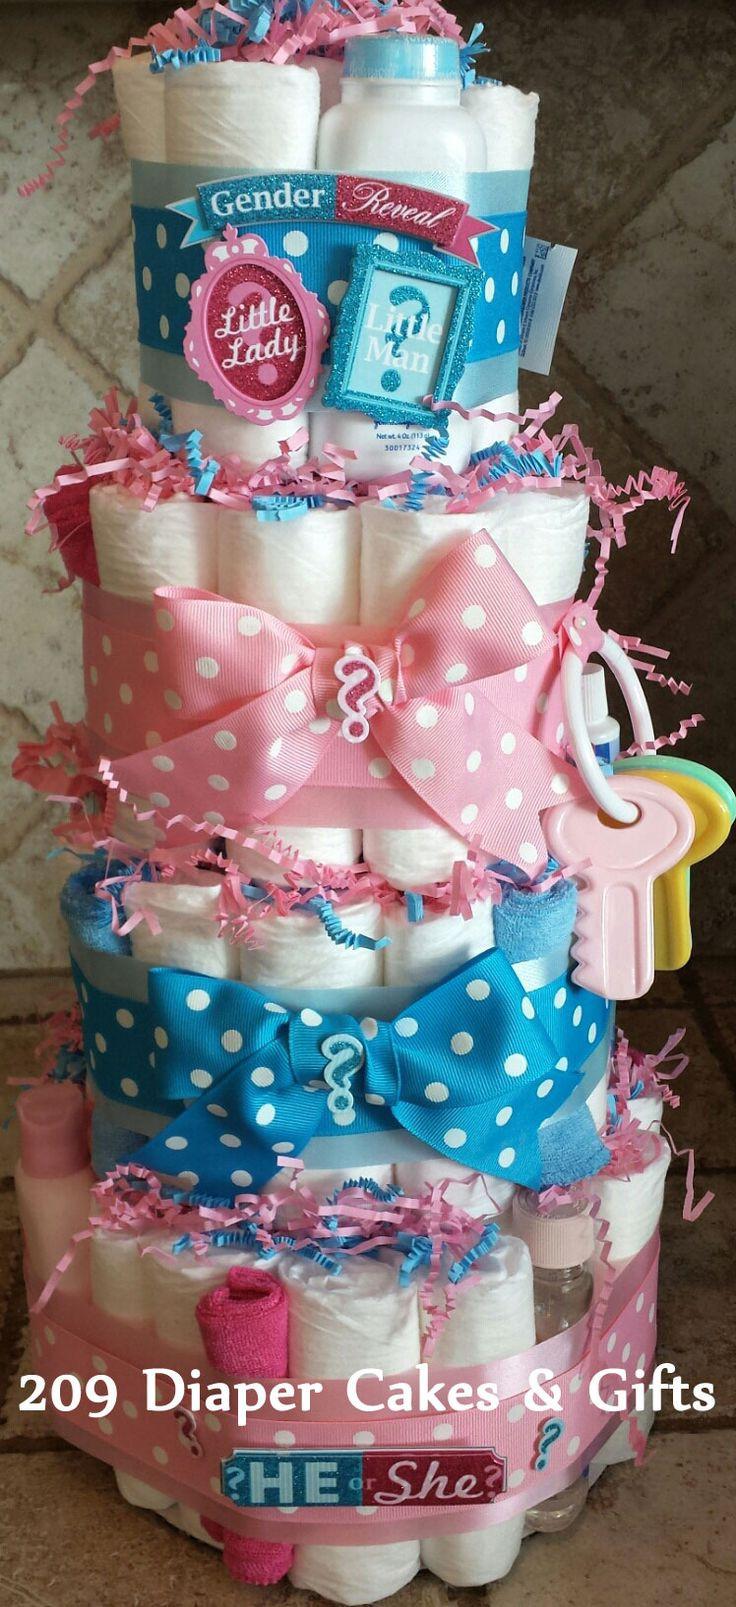 Baby Gender Reveal Gift Ideas  De 25 bedste idéer inden for Gender reveal decorations